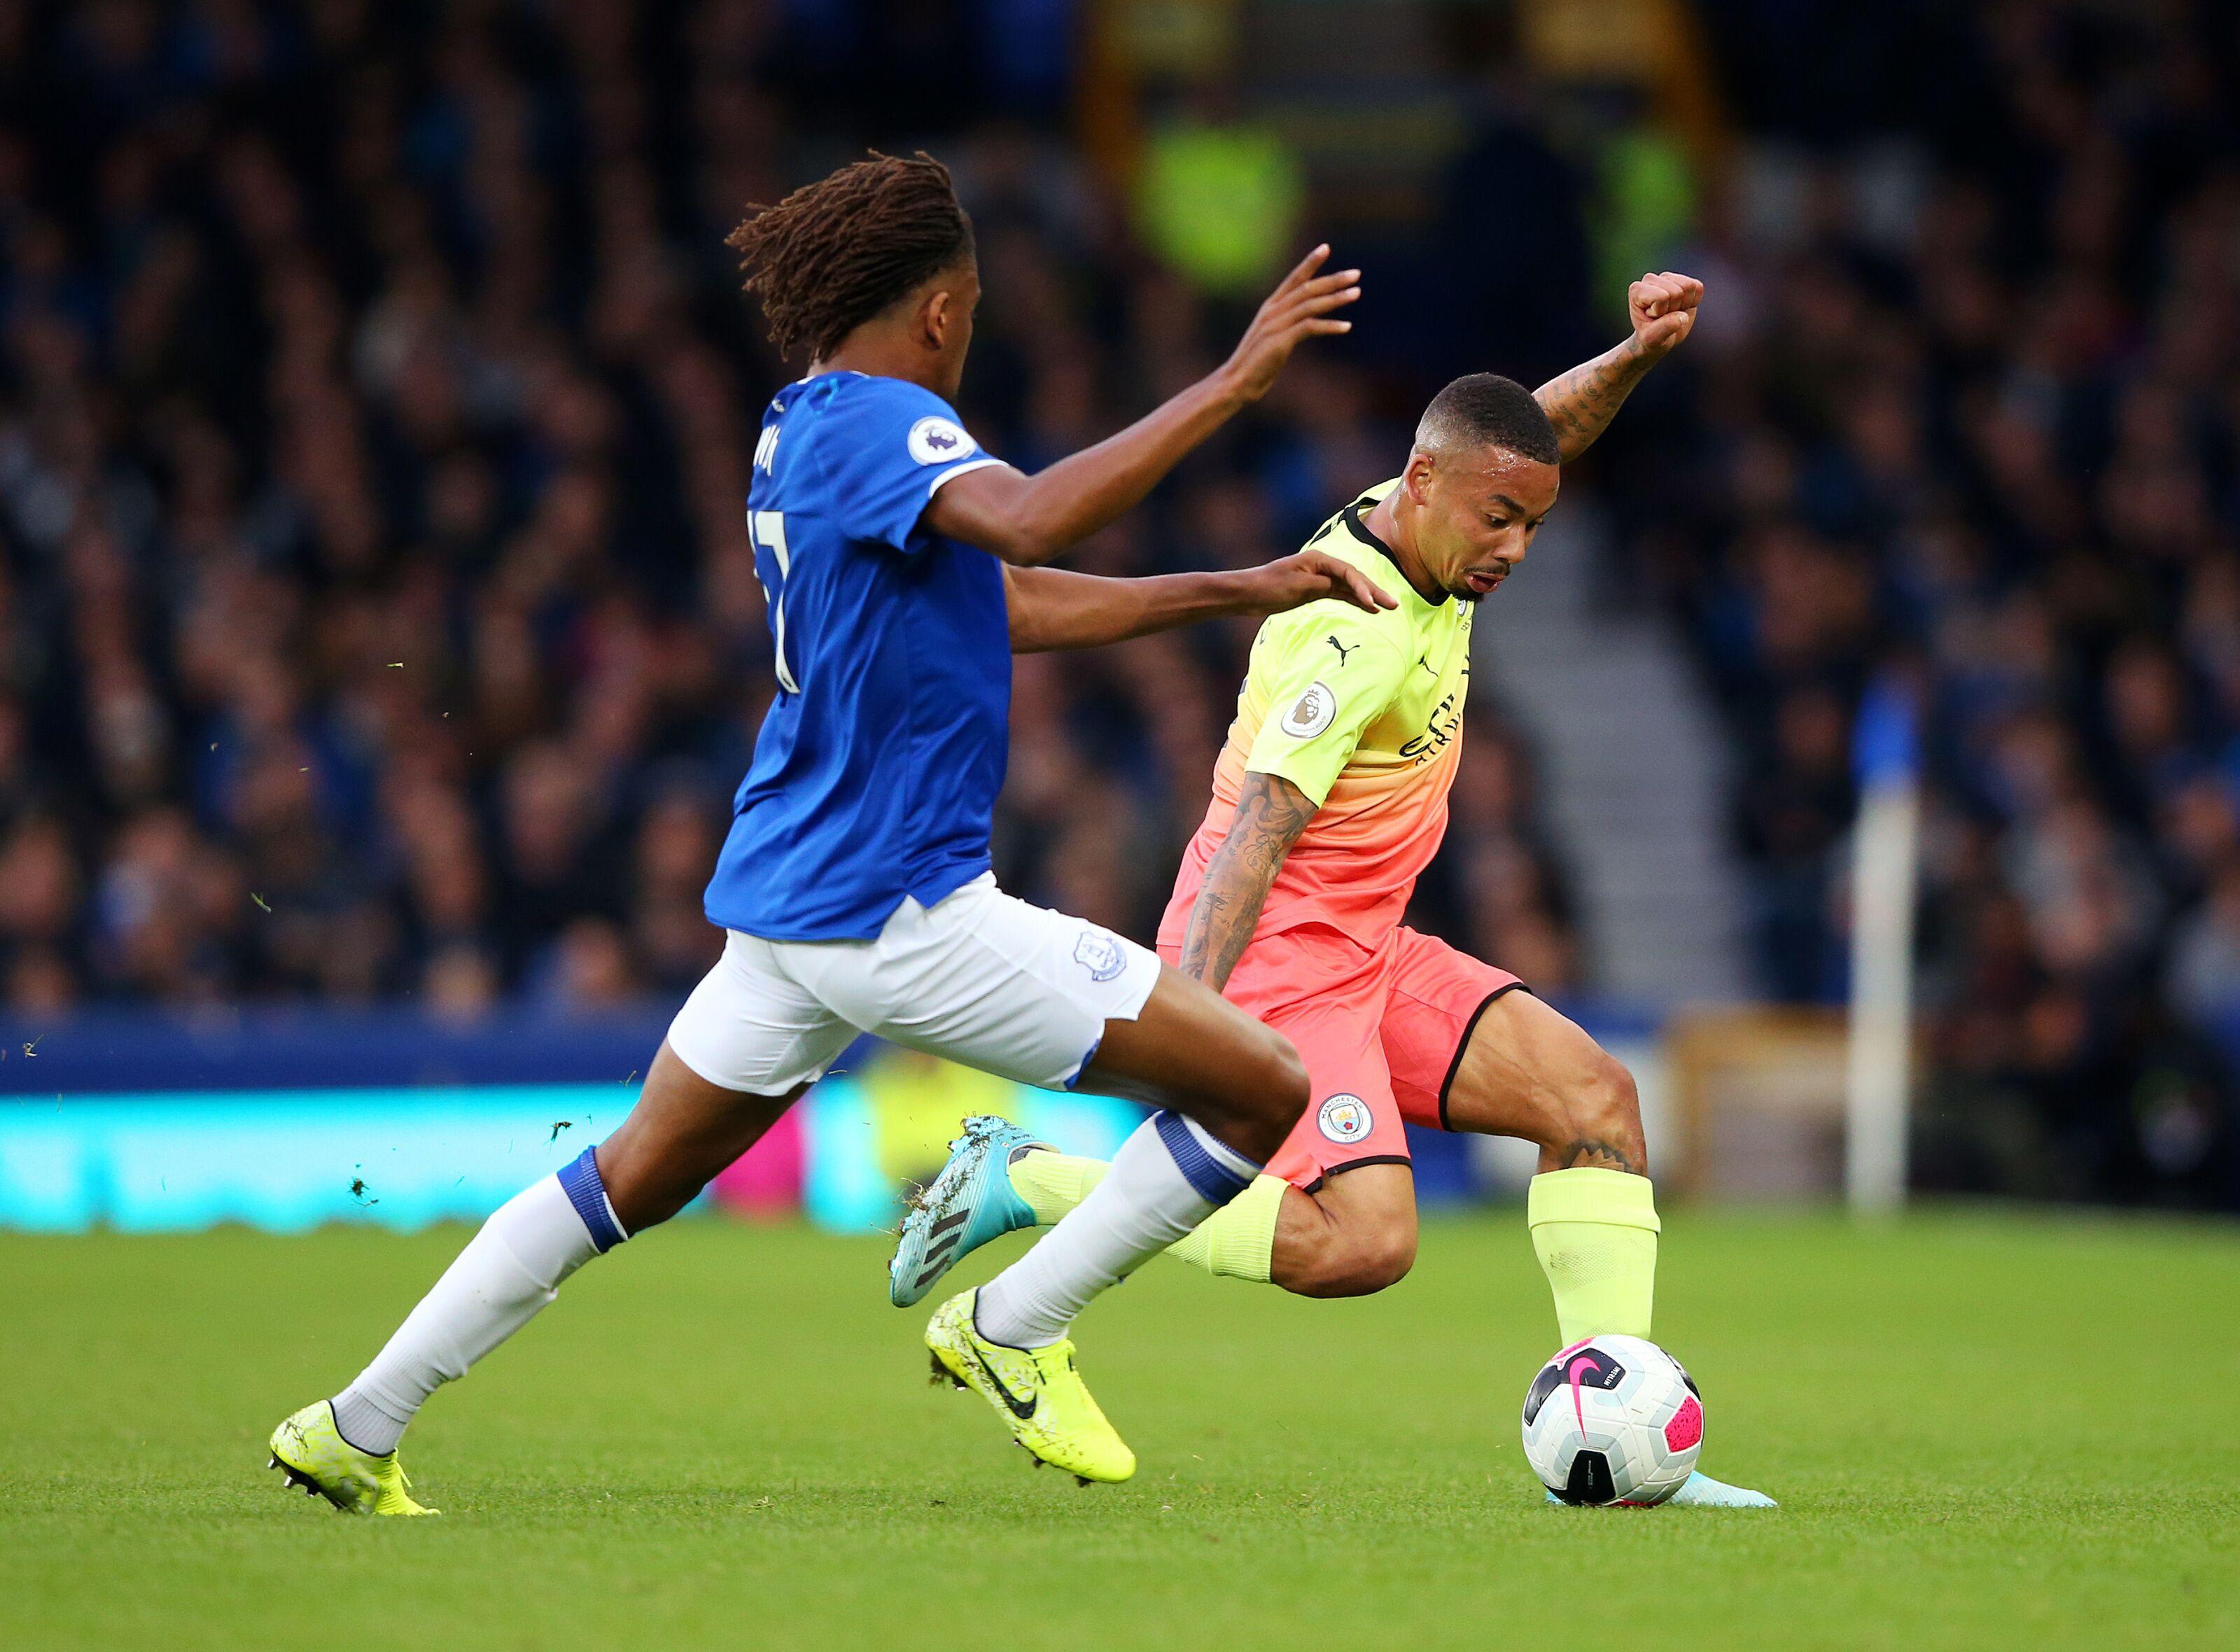 Everton beaten again but better